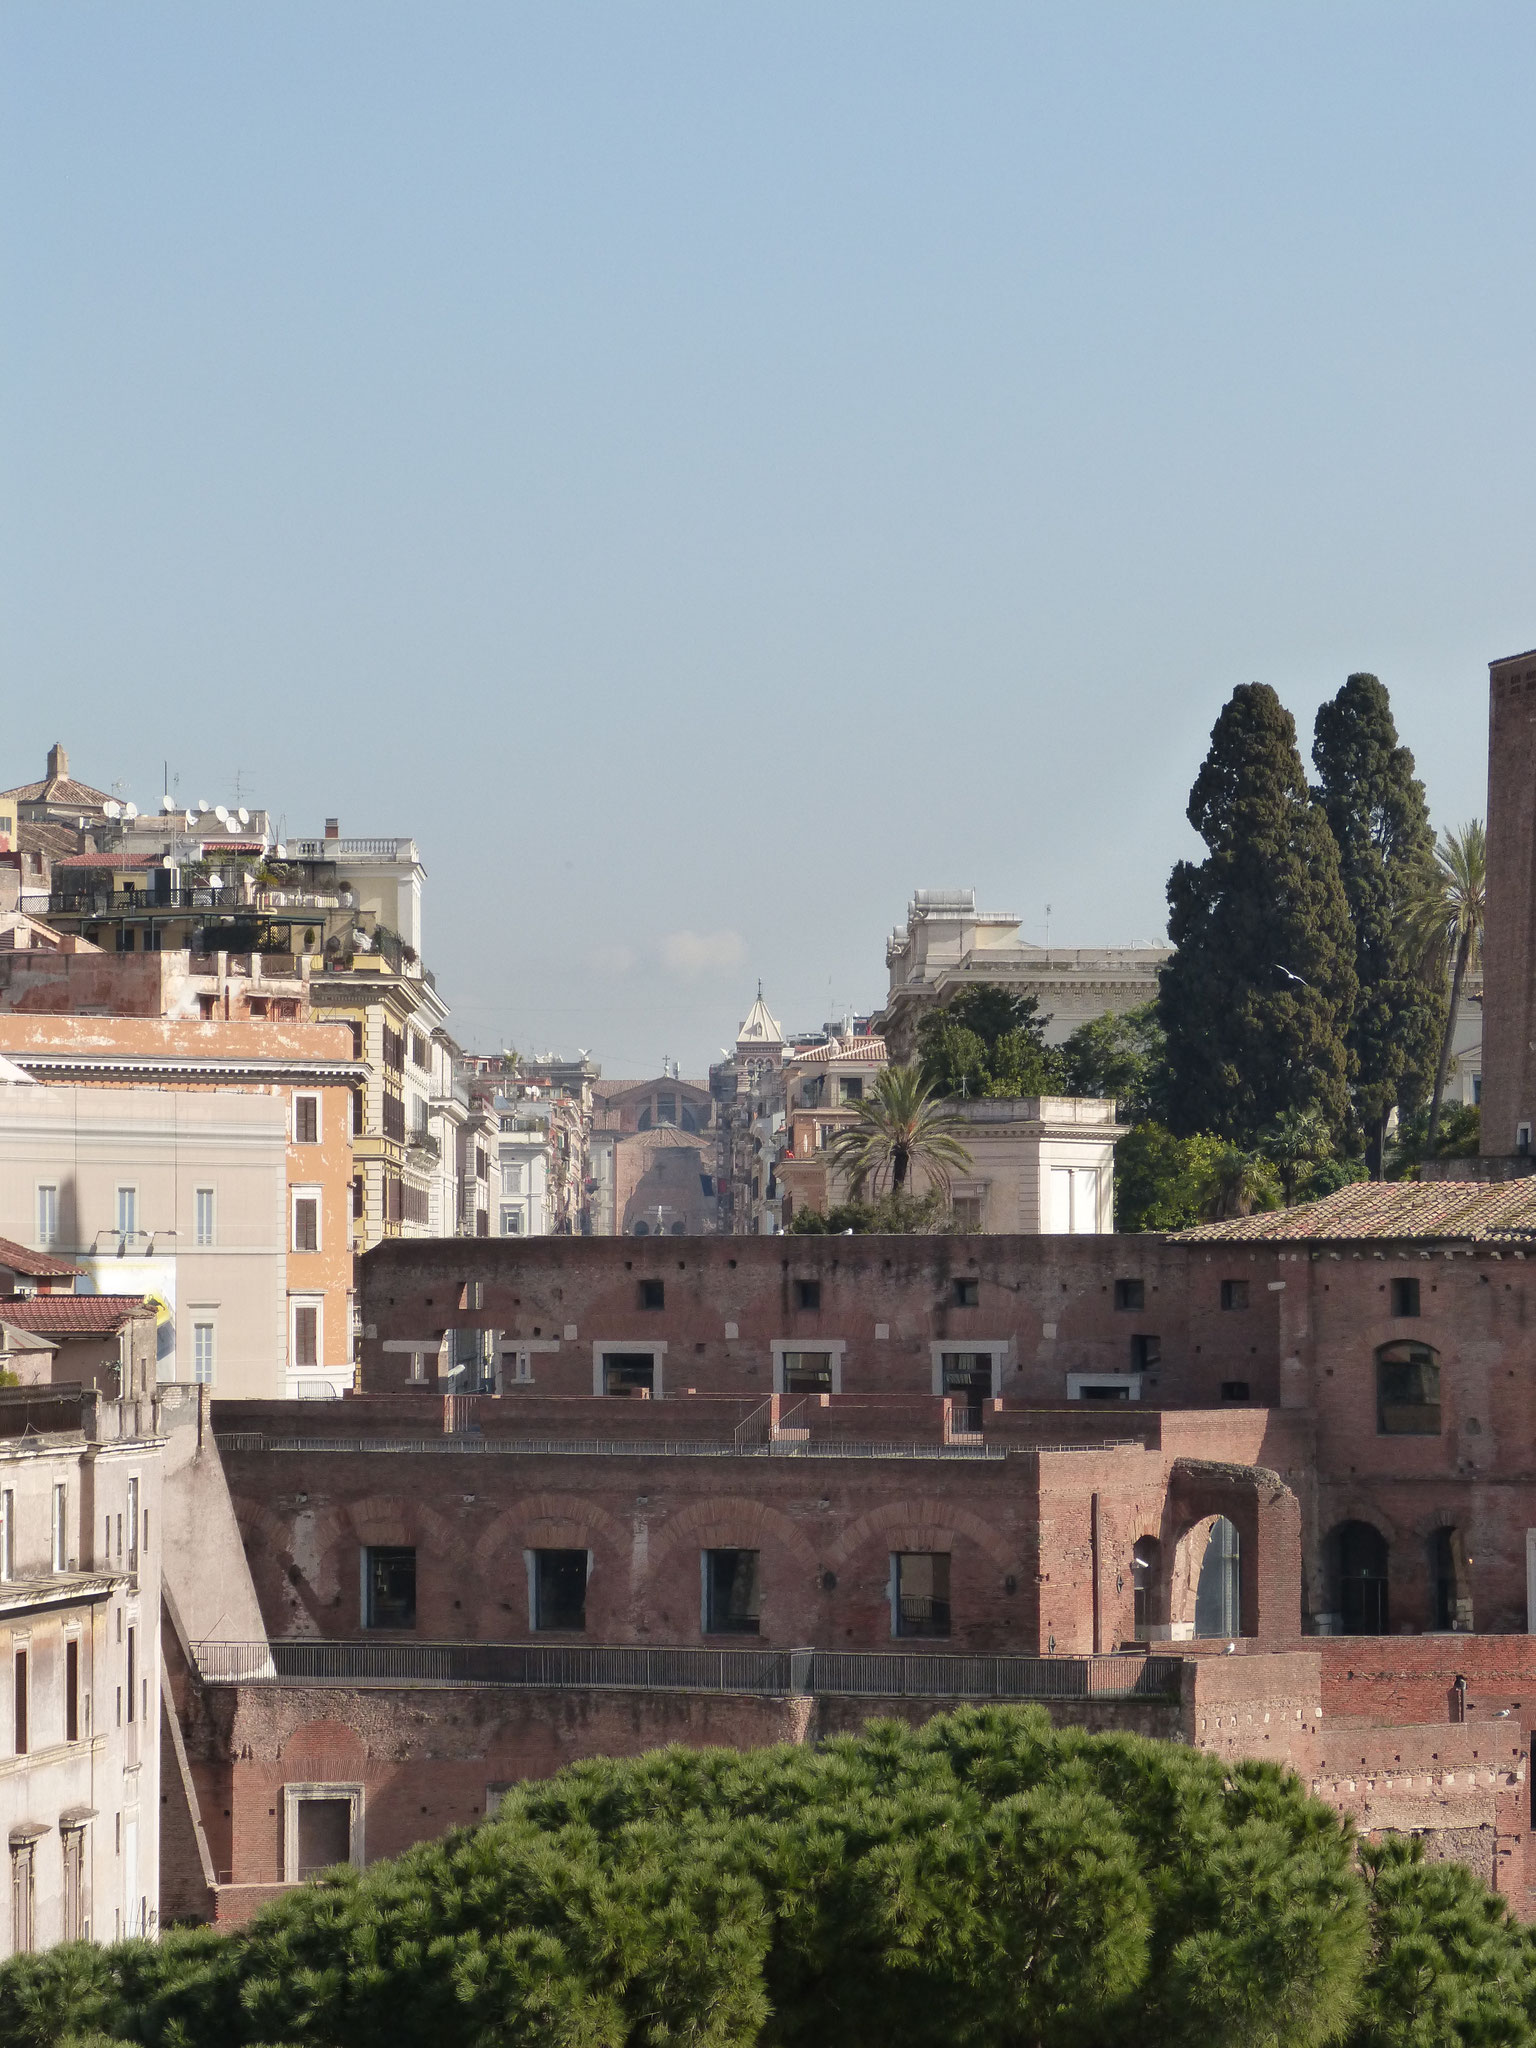 Ausblick auf die Via Nazionale, an deren Ende man die Diokletian-Therme erkennt